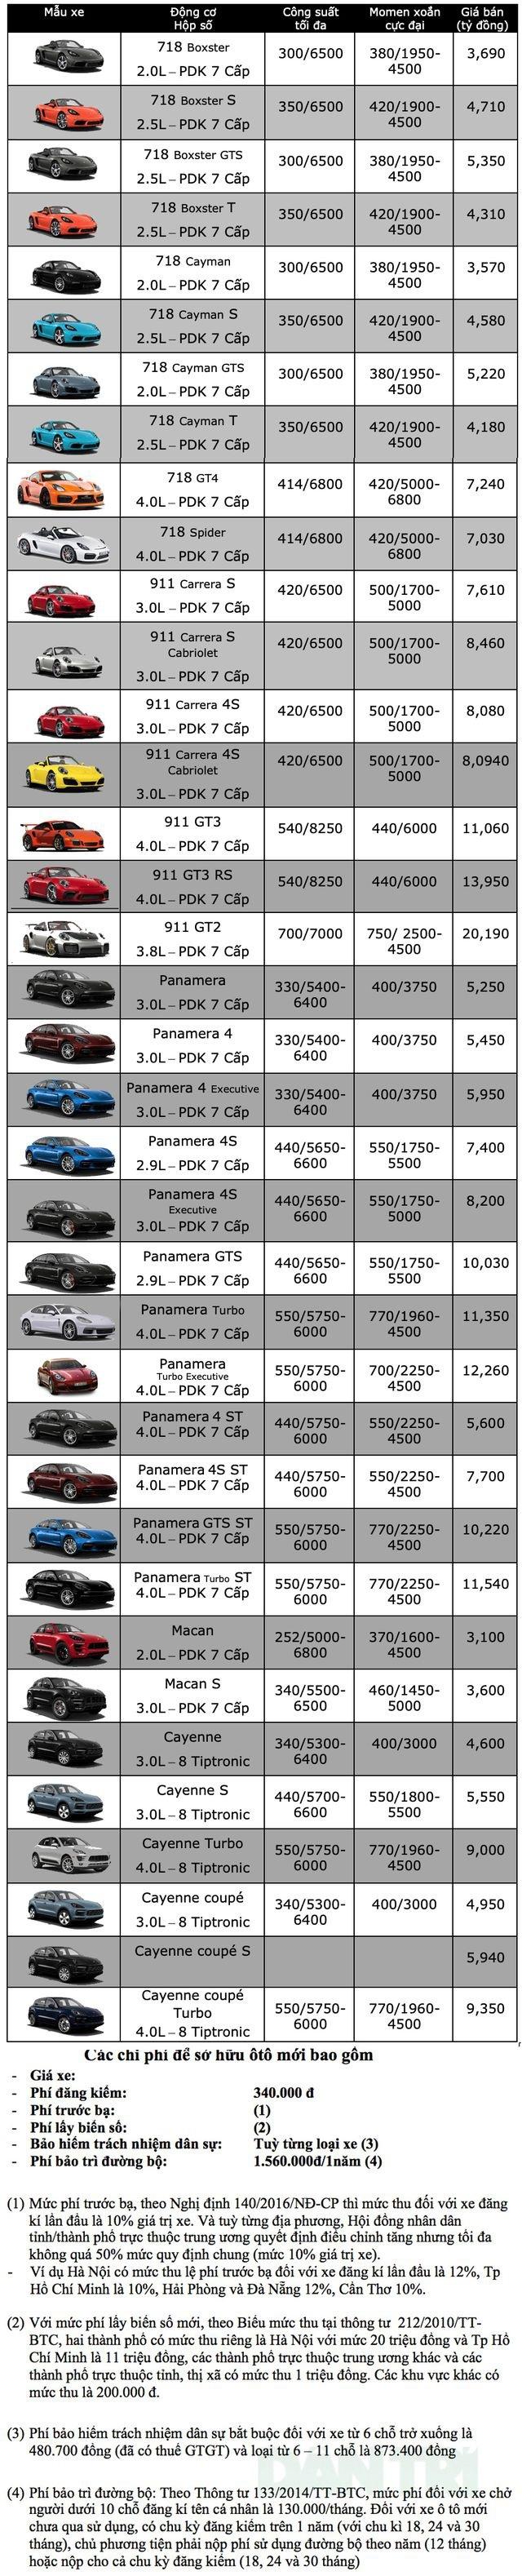 Bảng giá Porsche tháng 2/2020 - 1